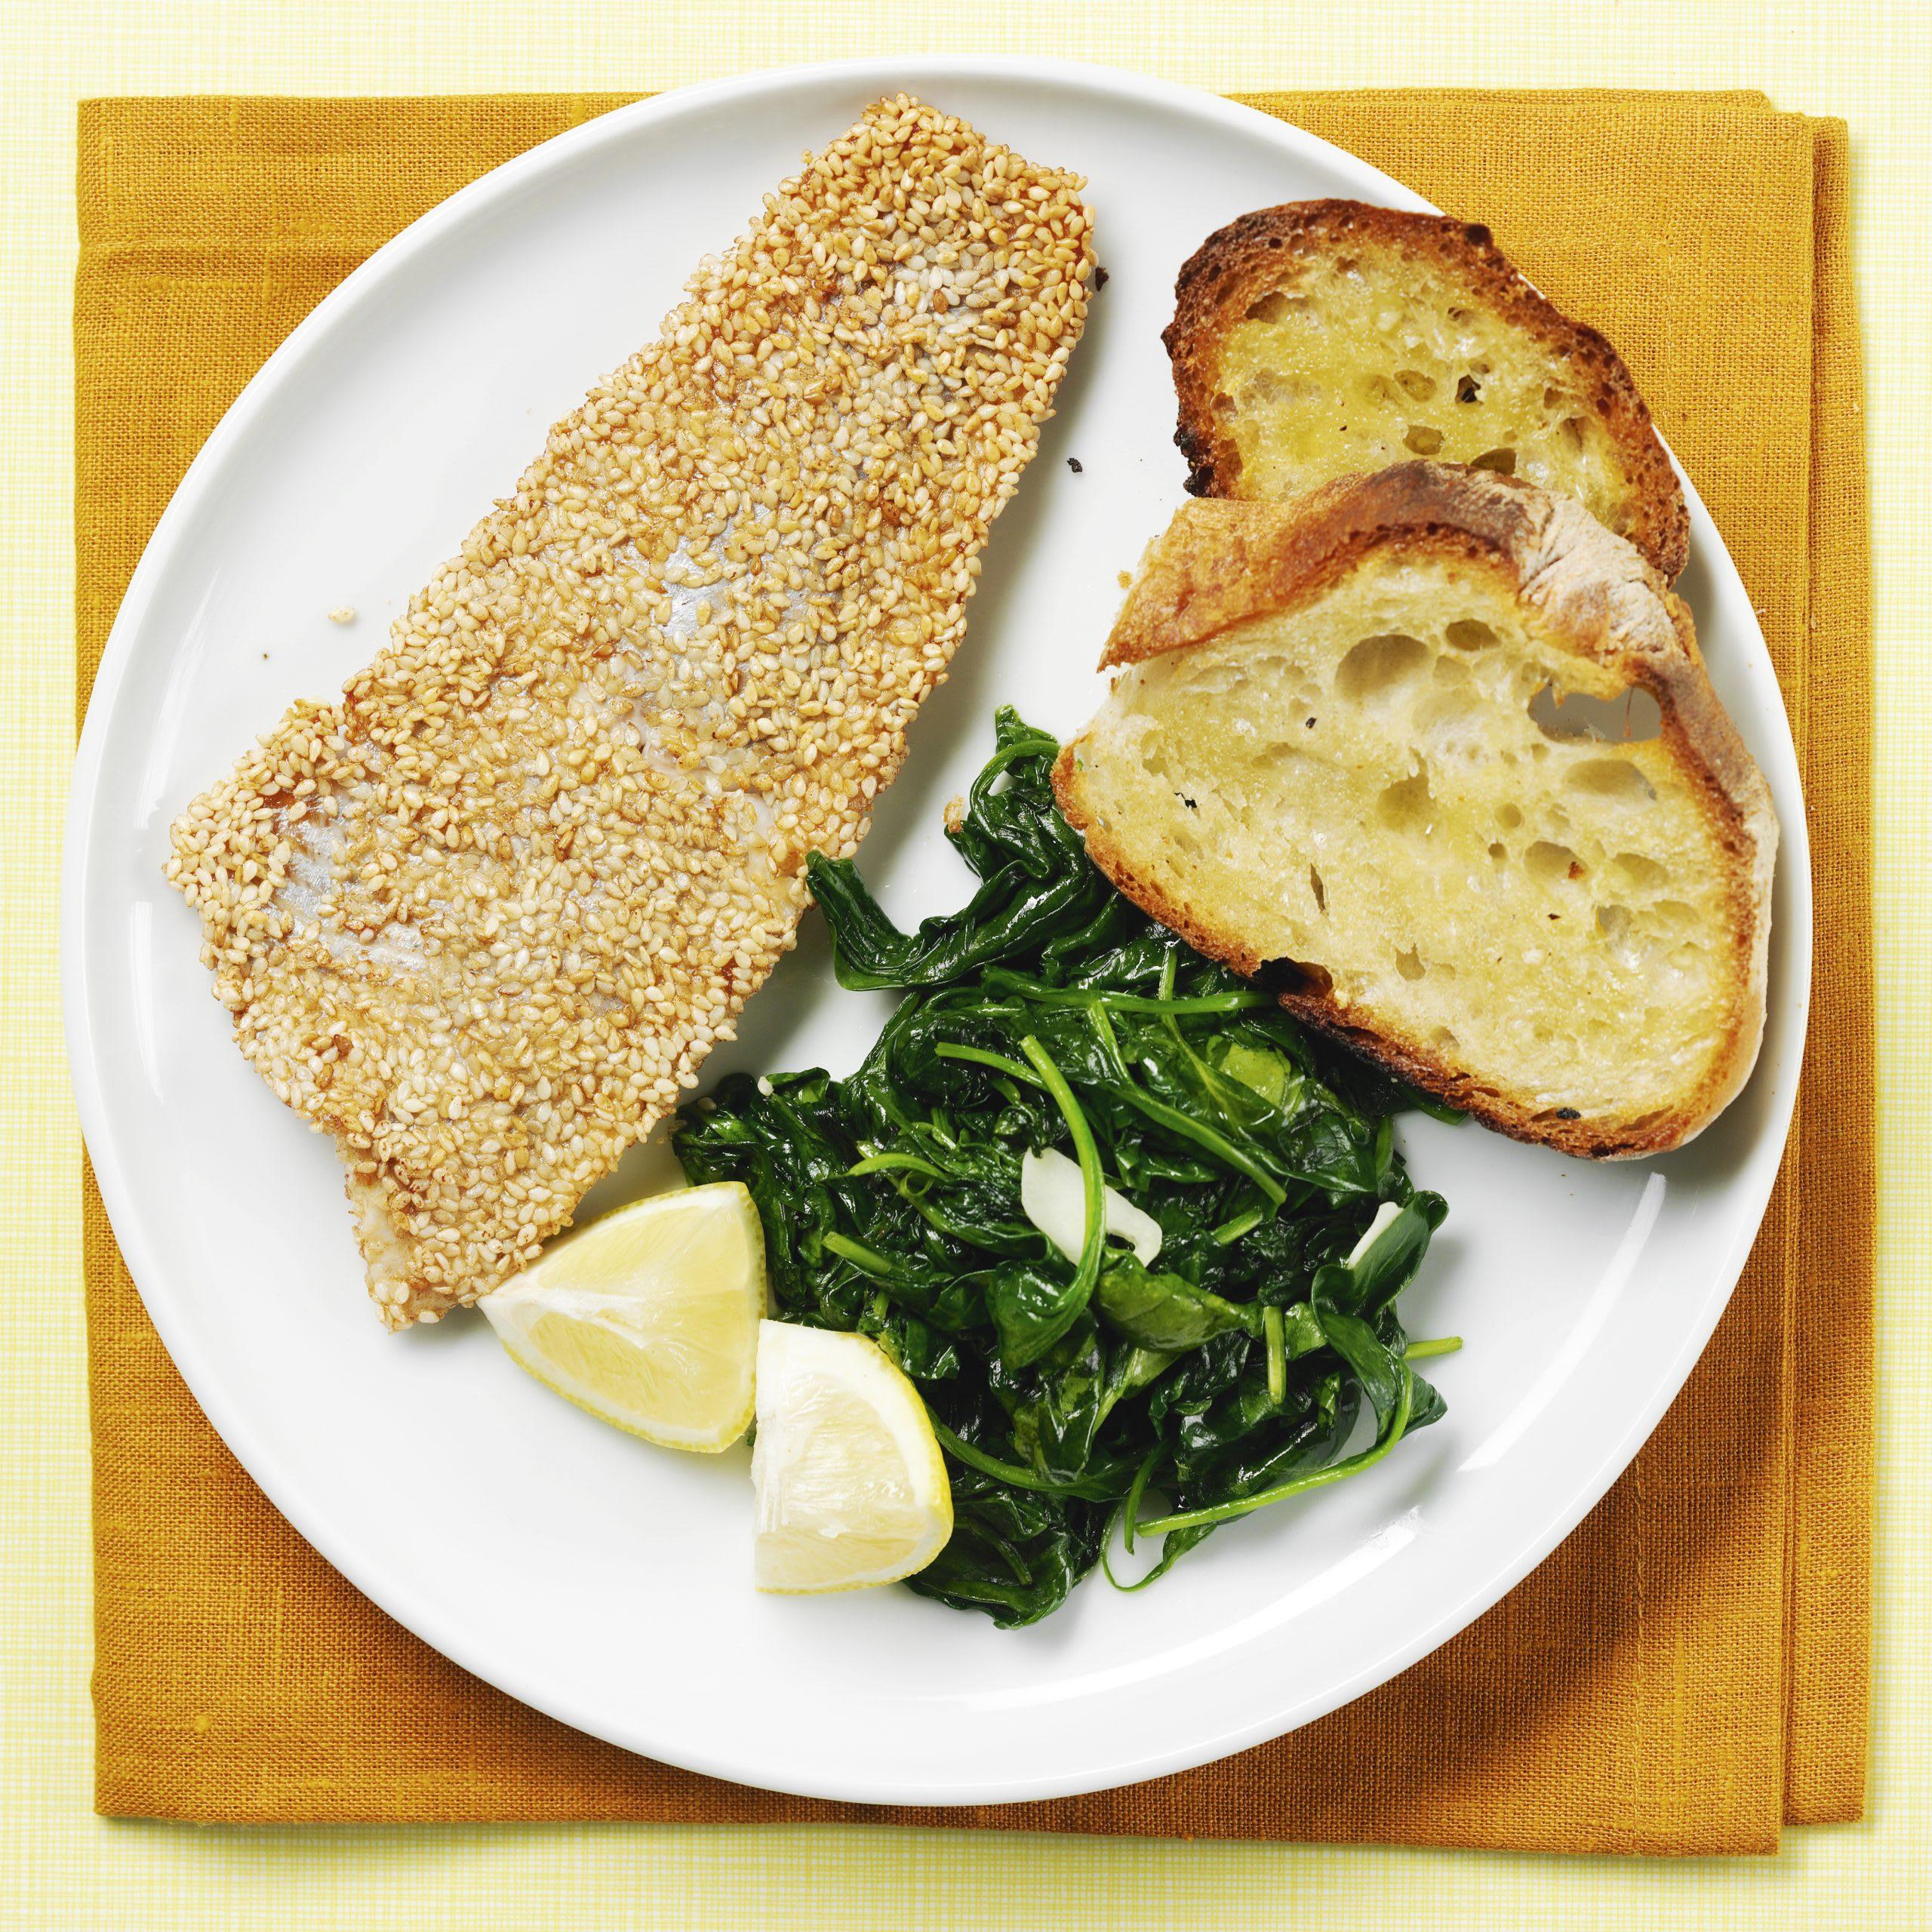 Sesam-Fisch mit Spinat und Knoblauchbrot